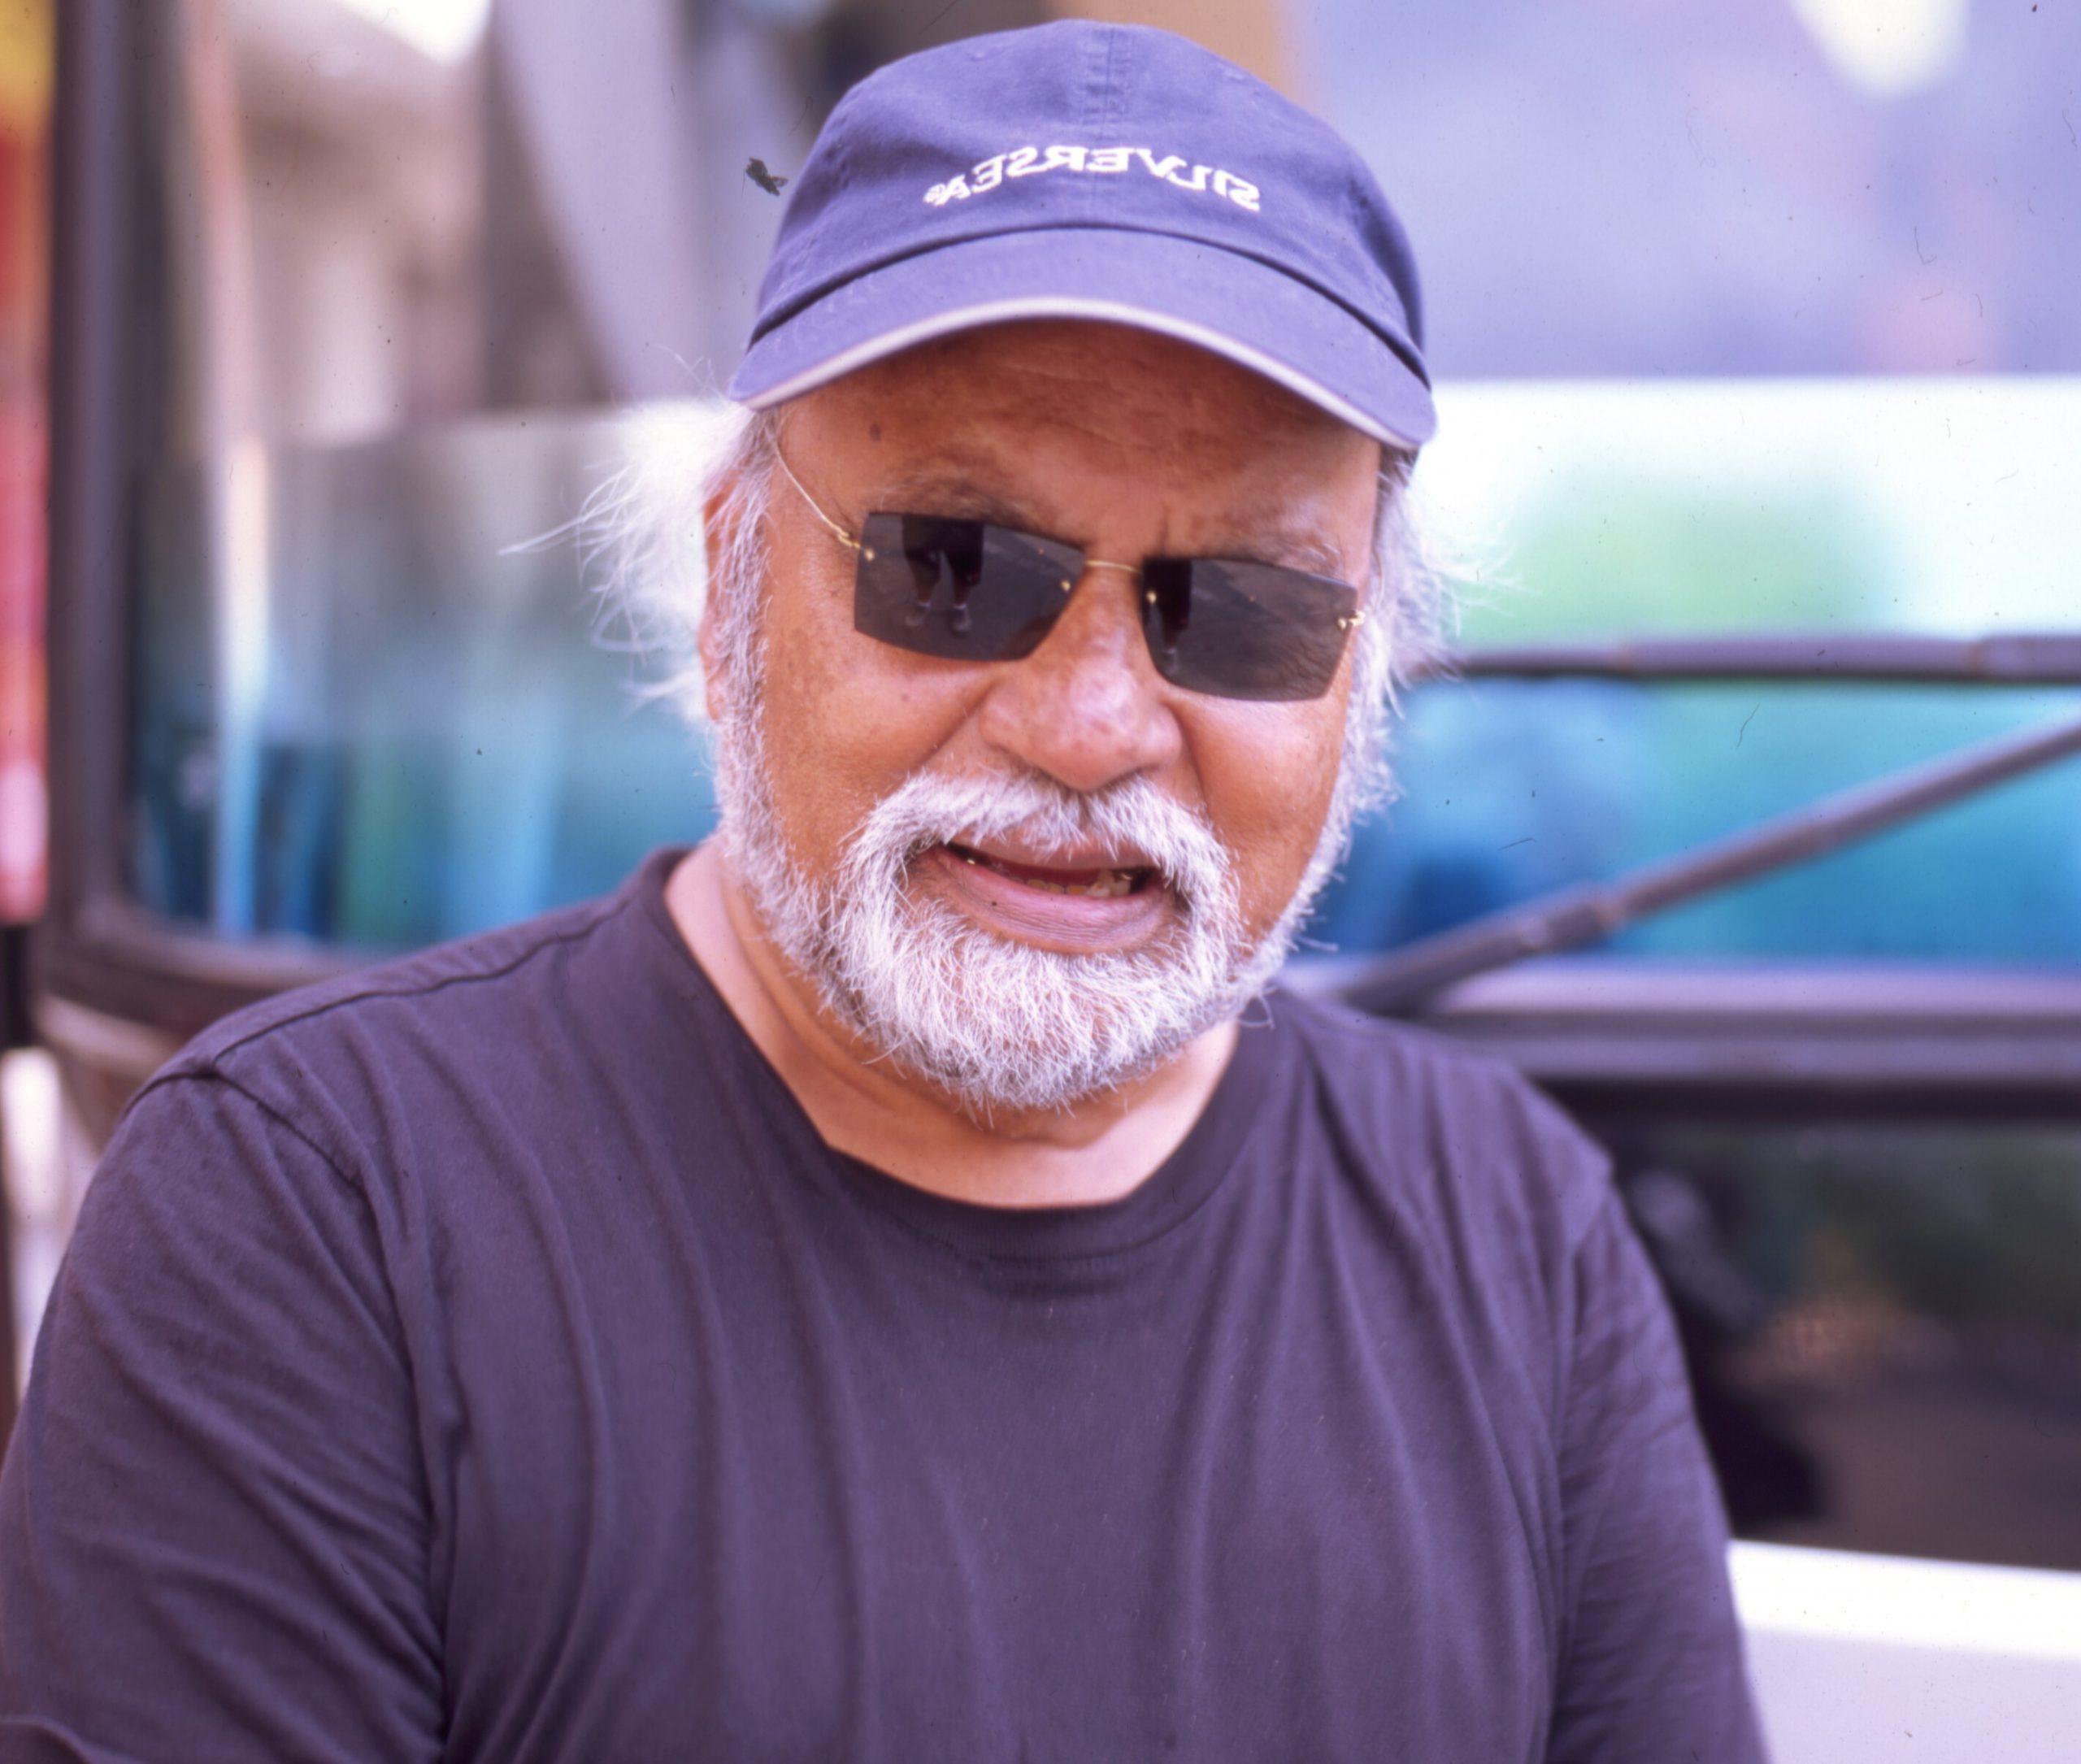 Dr. Govind Garg. Photo by Jennifer Garg.